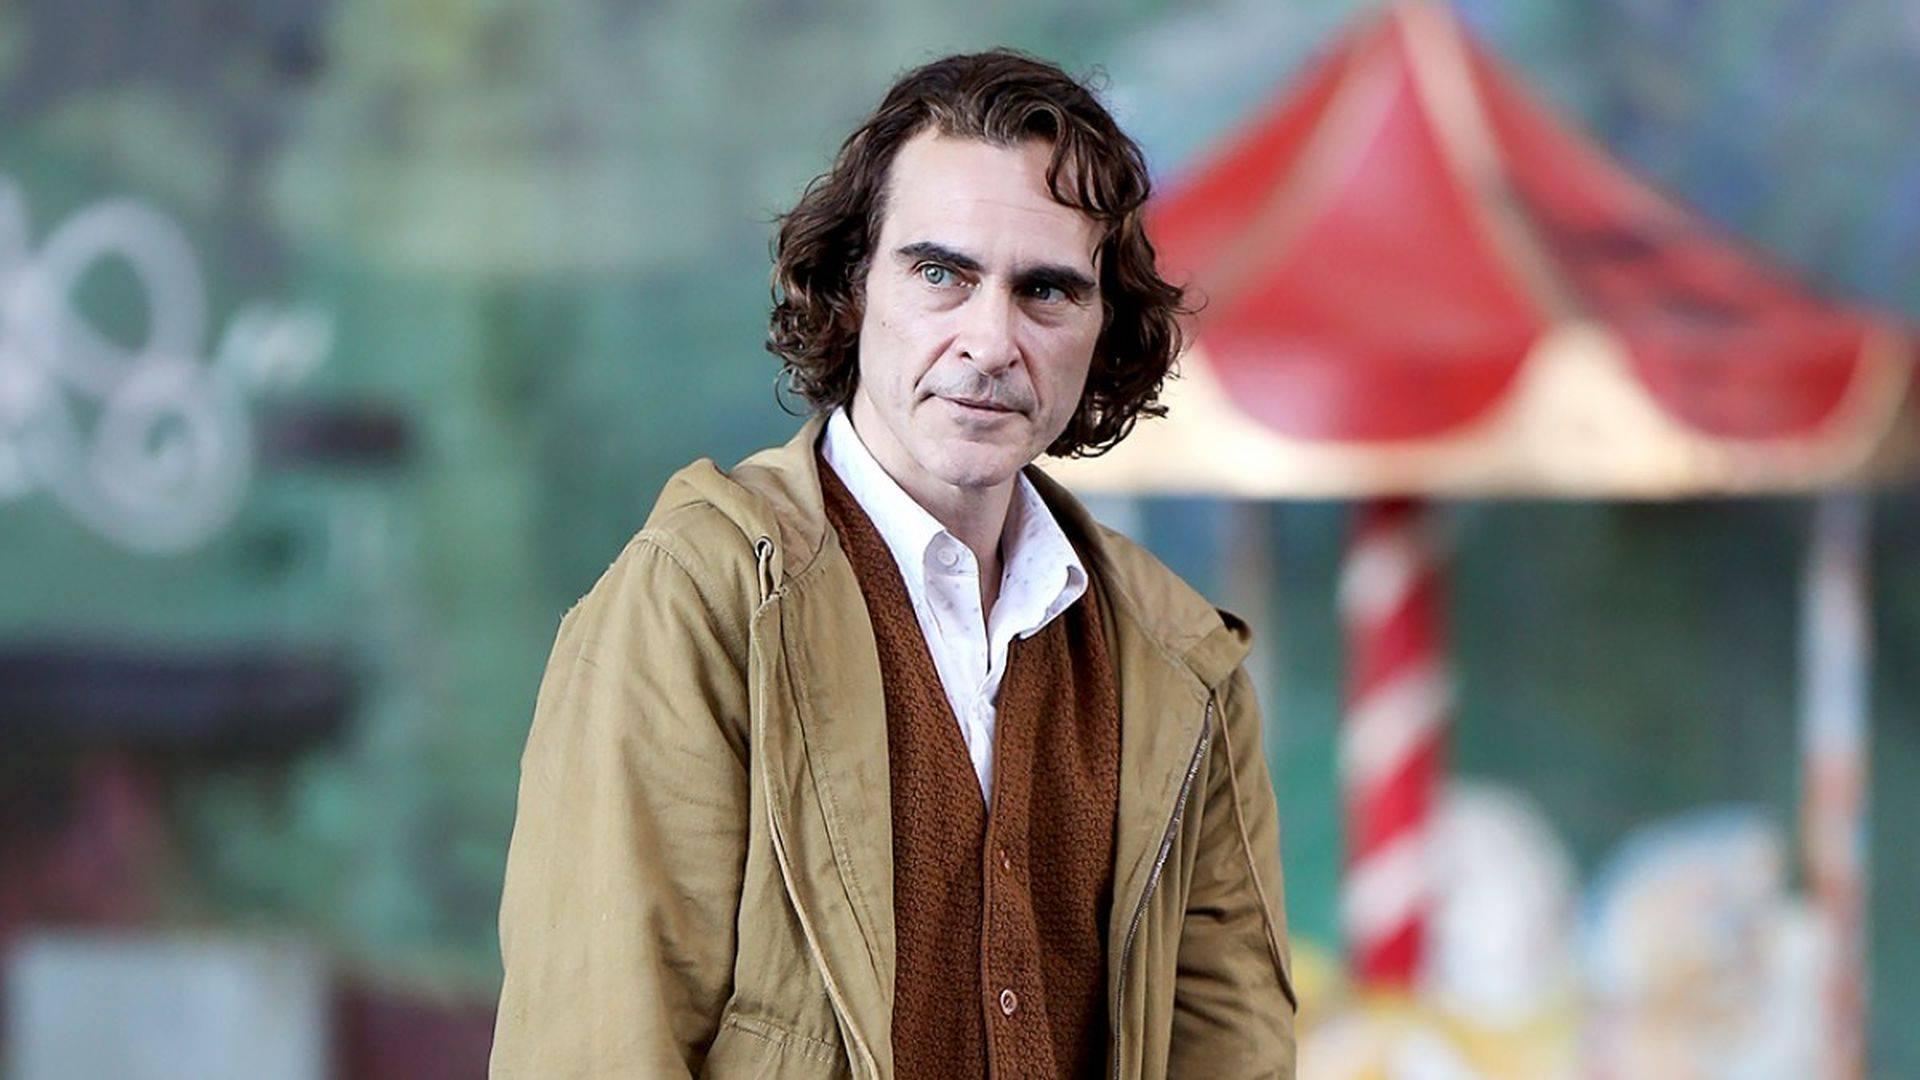 Cine Joaquin Phoenix El joker